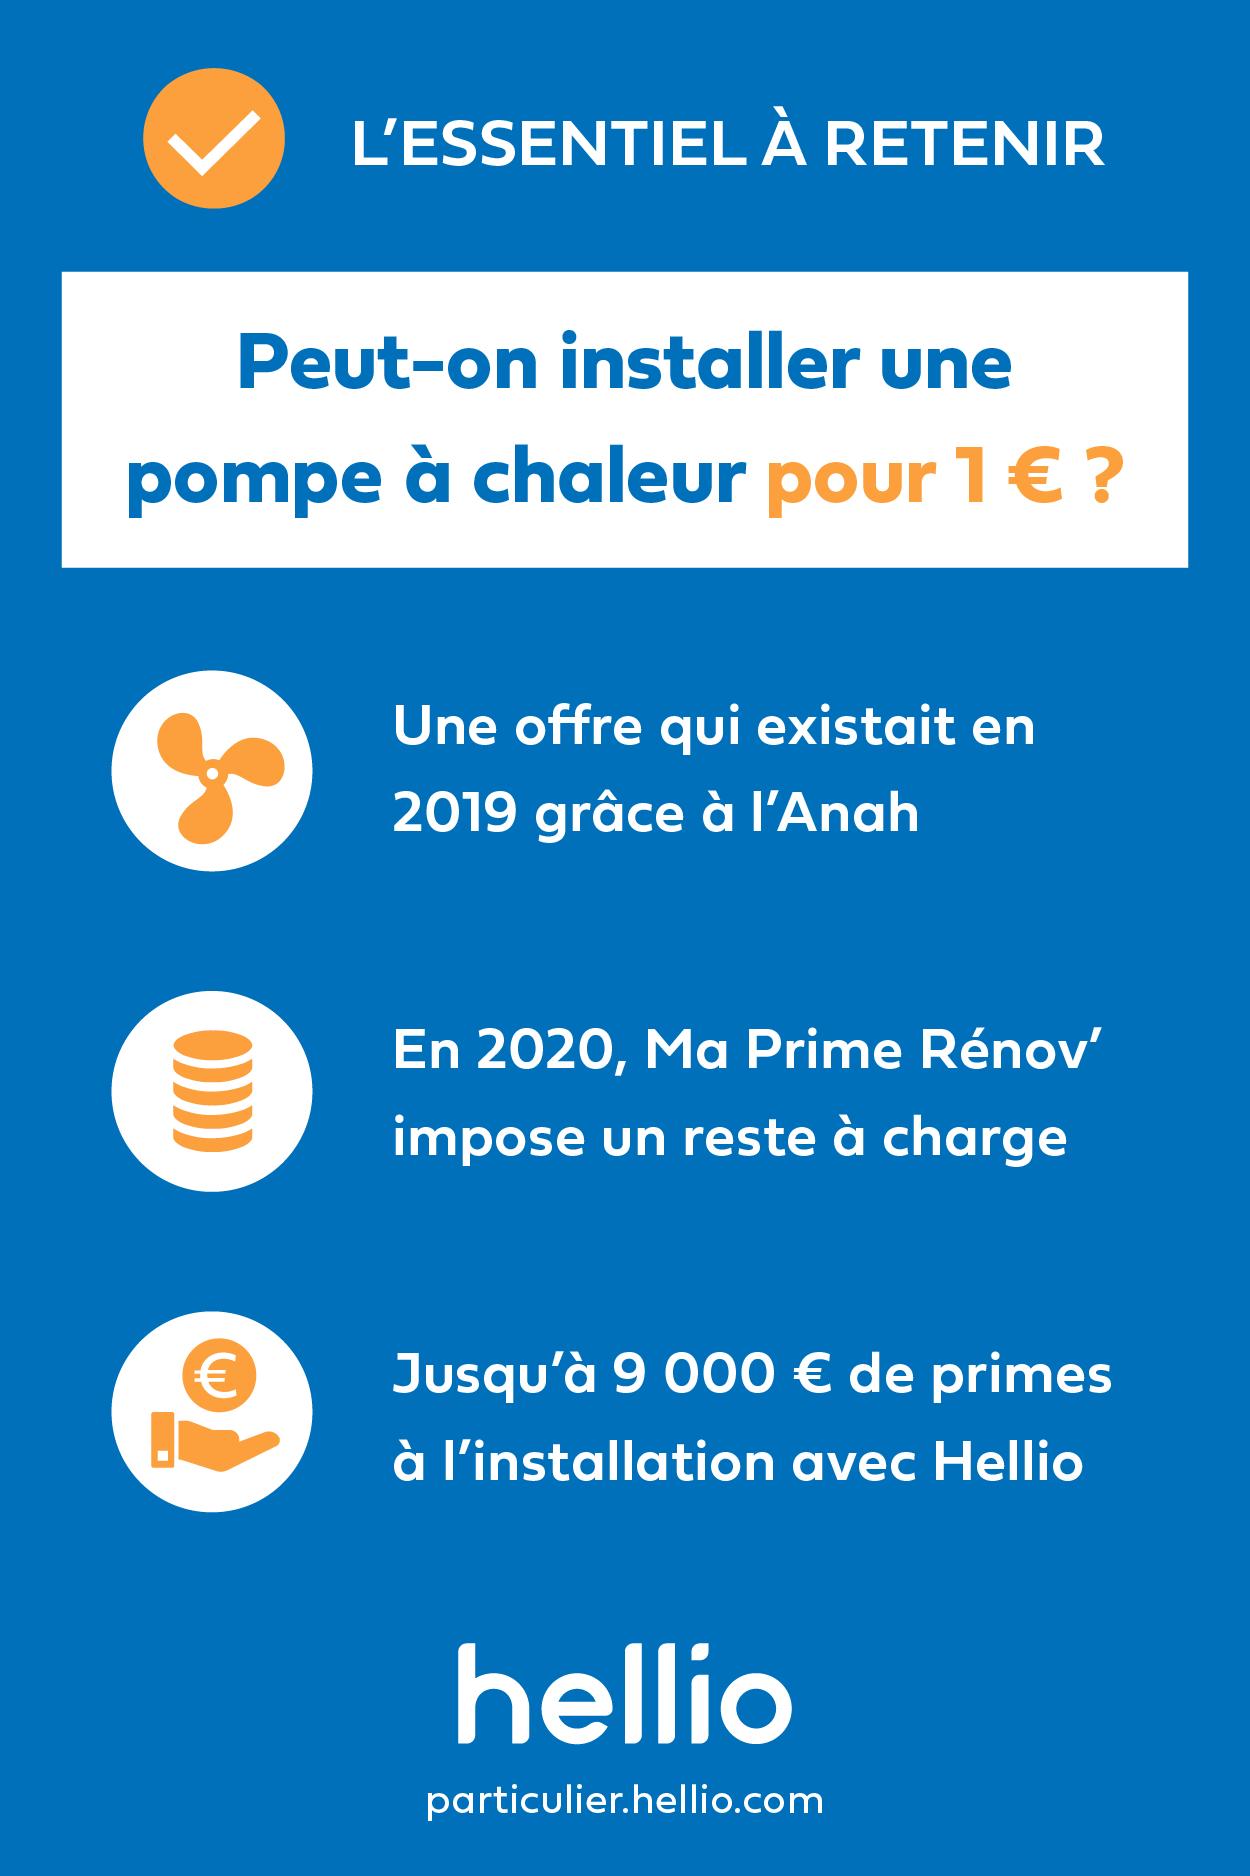 infographie-essentiel-retenir-hellio-particulier-pompe-chaleur-1-euro